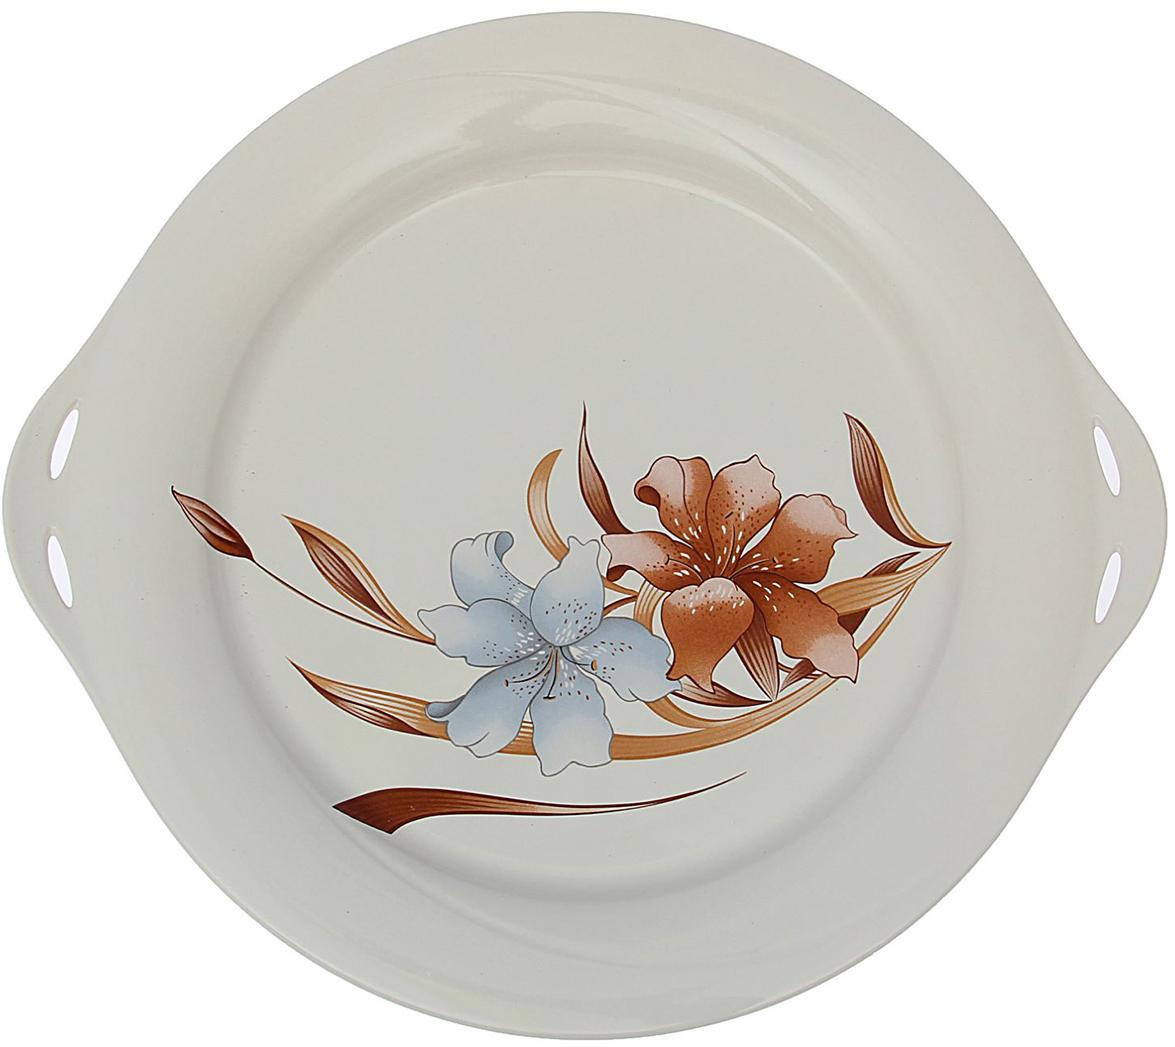 Блюдо Керамика ручной работы Лилия, 32 см1562922Это сервировочное блюдо понравится любителям вкусной и полезной домашней пищи. Такая посуда практична и красива, в ней можно хранить и подавать разнообразные блюда. При многократном использовании изделие сохранит свой вид и выдержит мытье в посудомоечной машине. В керамической емкости горячая пища долго сохраняет свое тепло, остуженные блюда остаются прохладными. Изделие не выделяет вредных веществ при нагревании и длительном хранении за счет экологичности материала. Блюда, поданные в такой посуде, выглядят привлекательно и аппетитно.